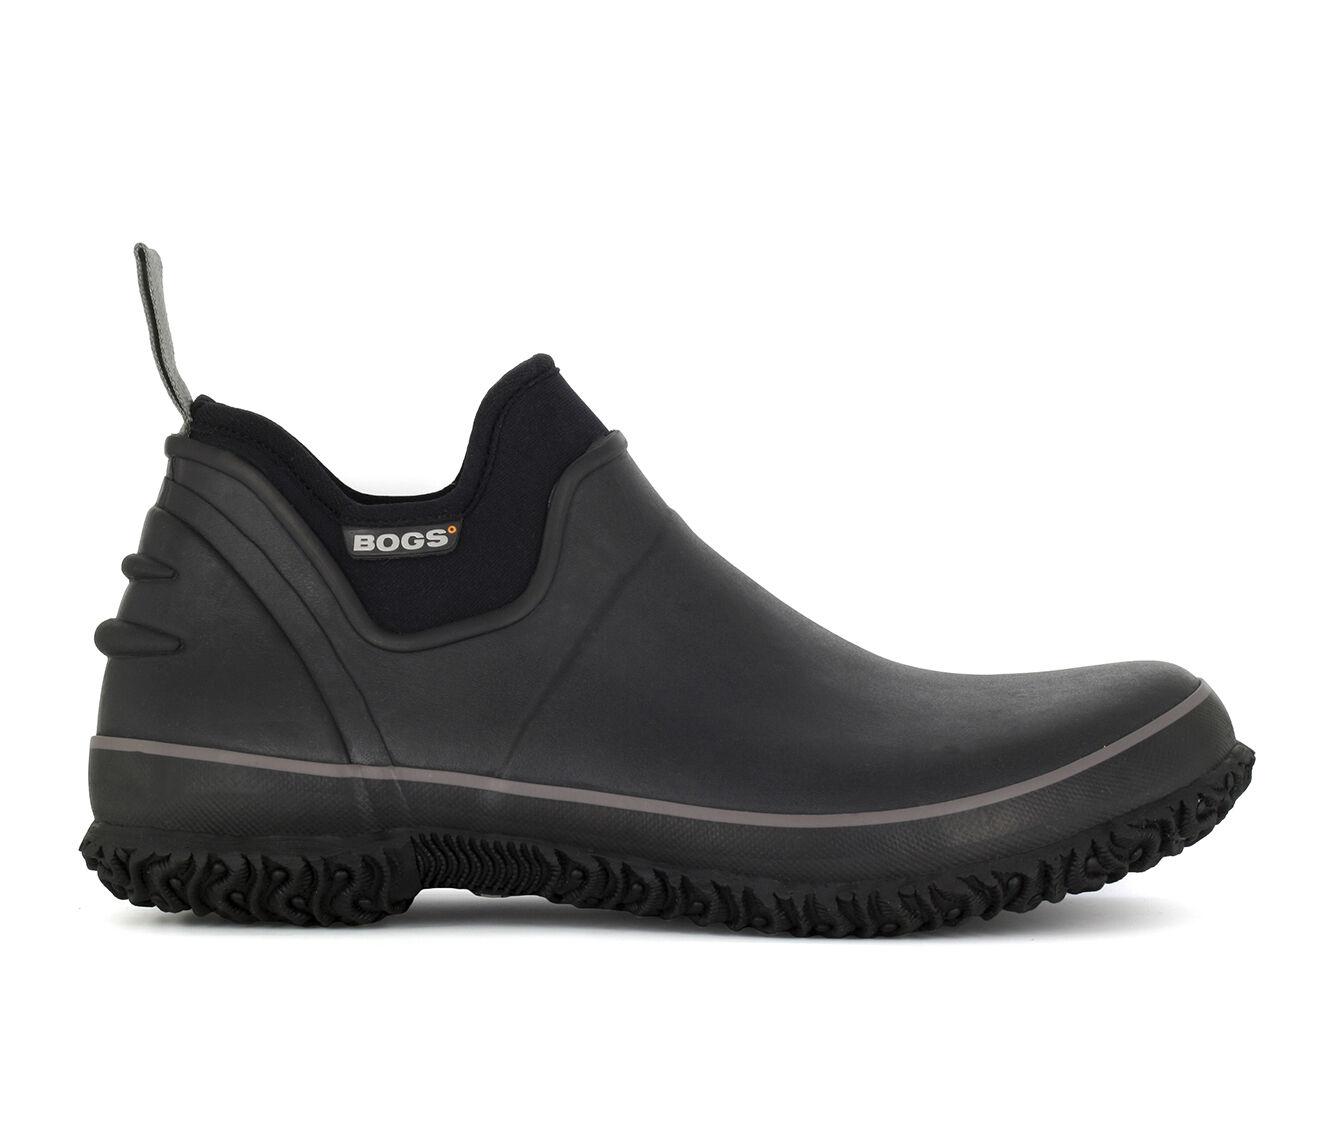 new designs Men's Bogs Footwear Urban Farmer Waterproof Slip On Insulated Boots BLACK